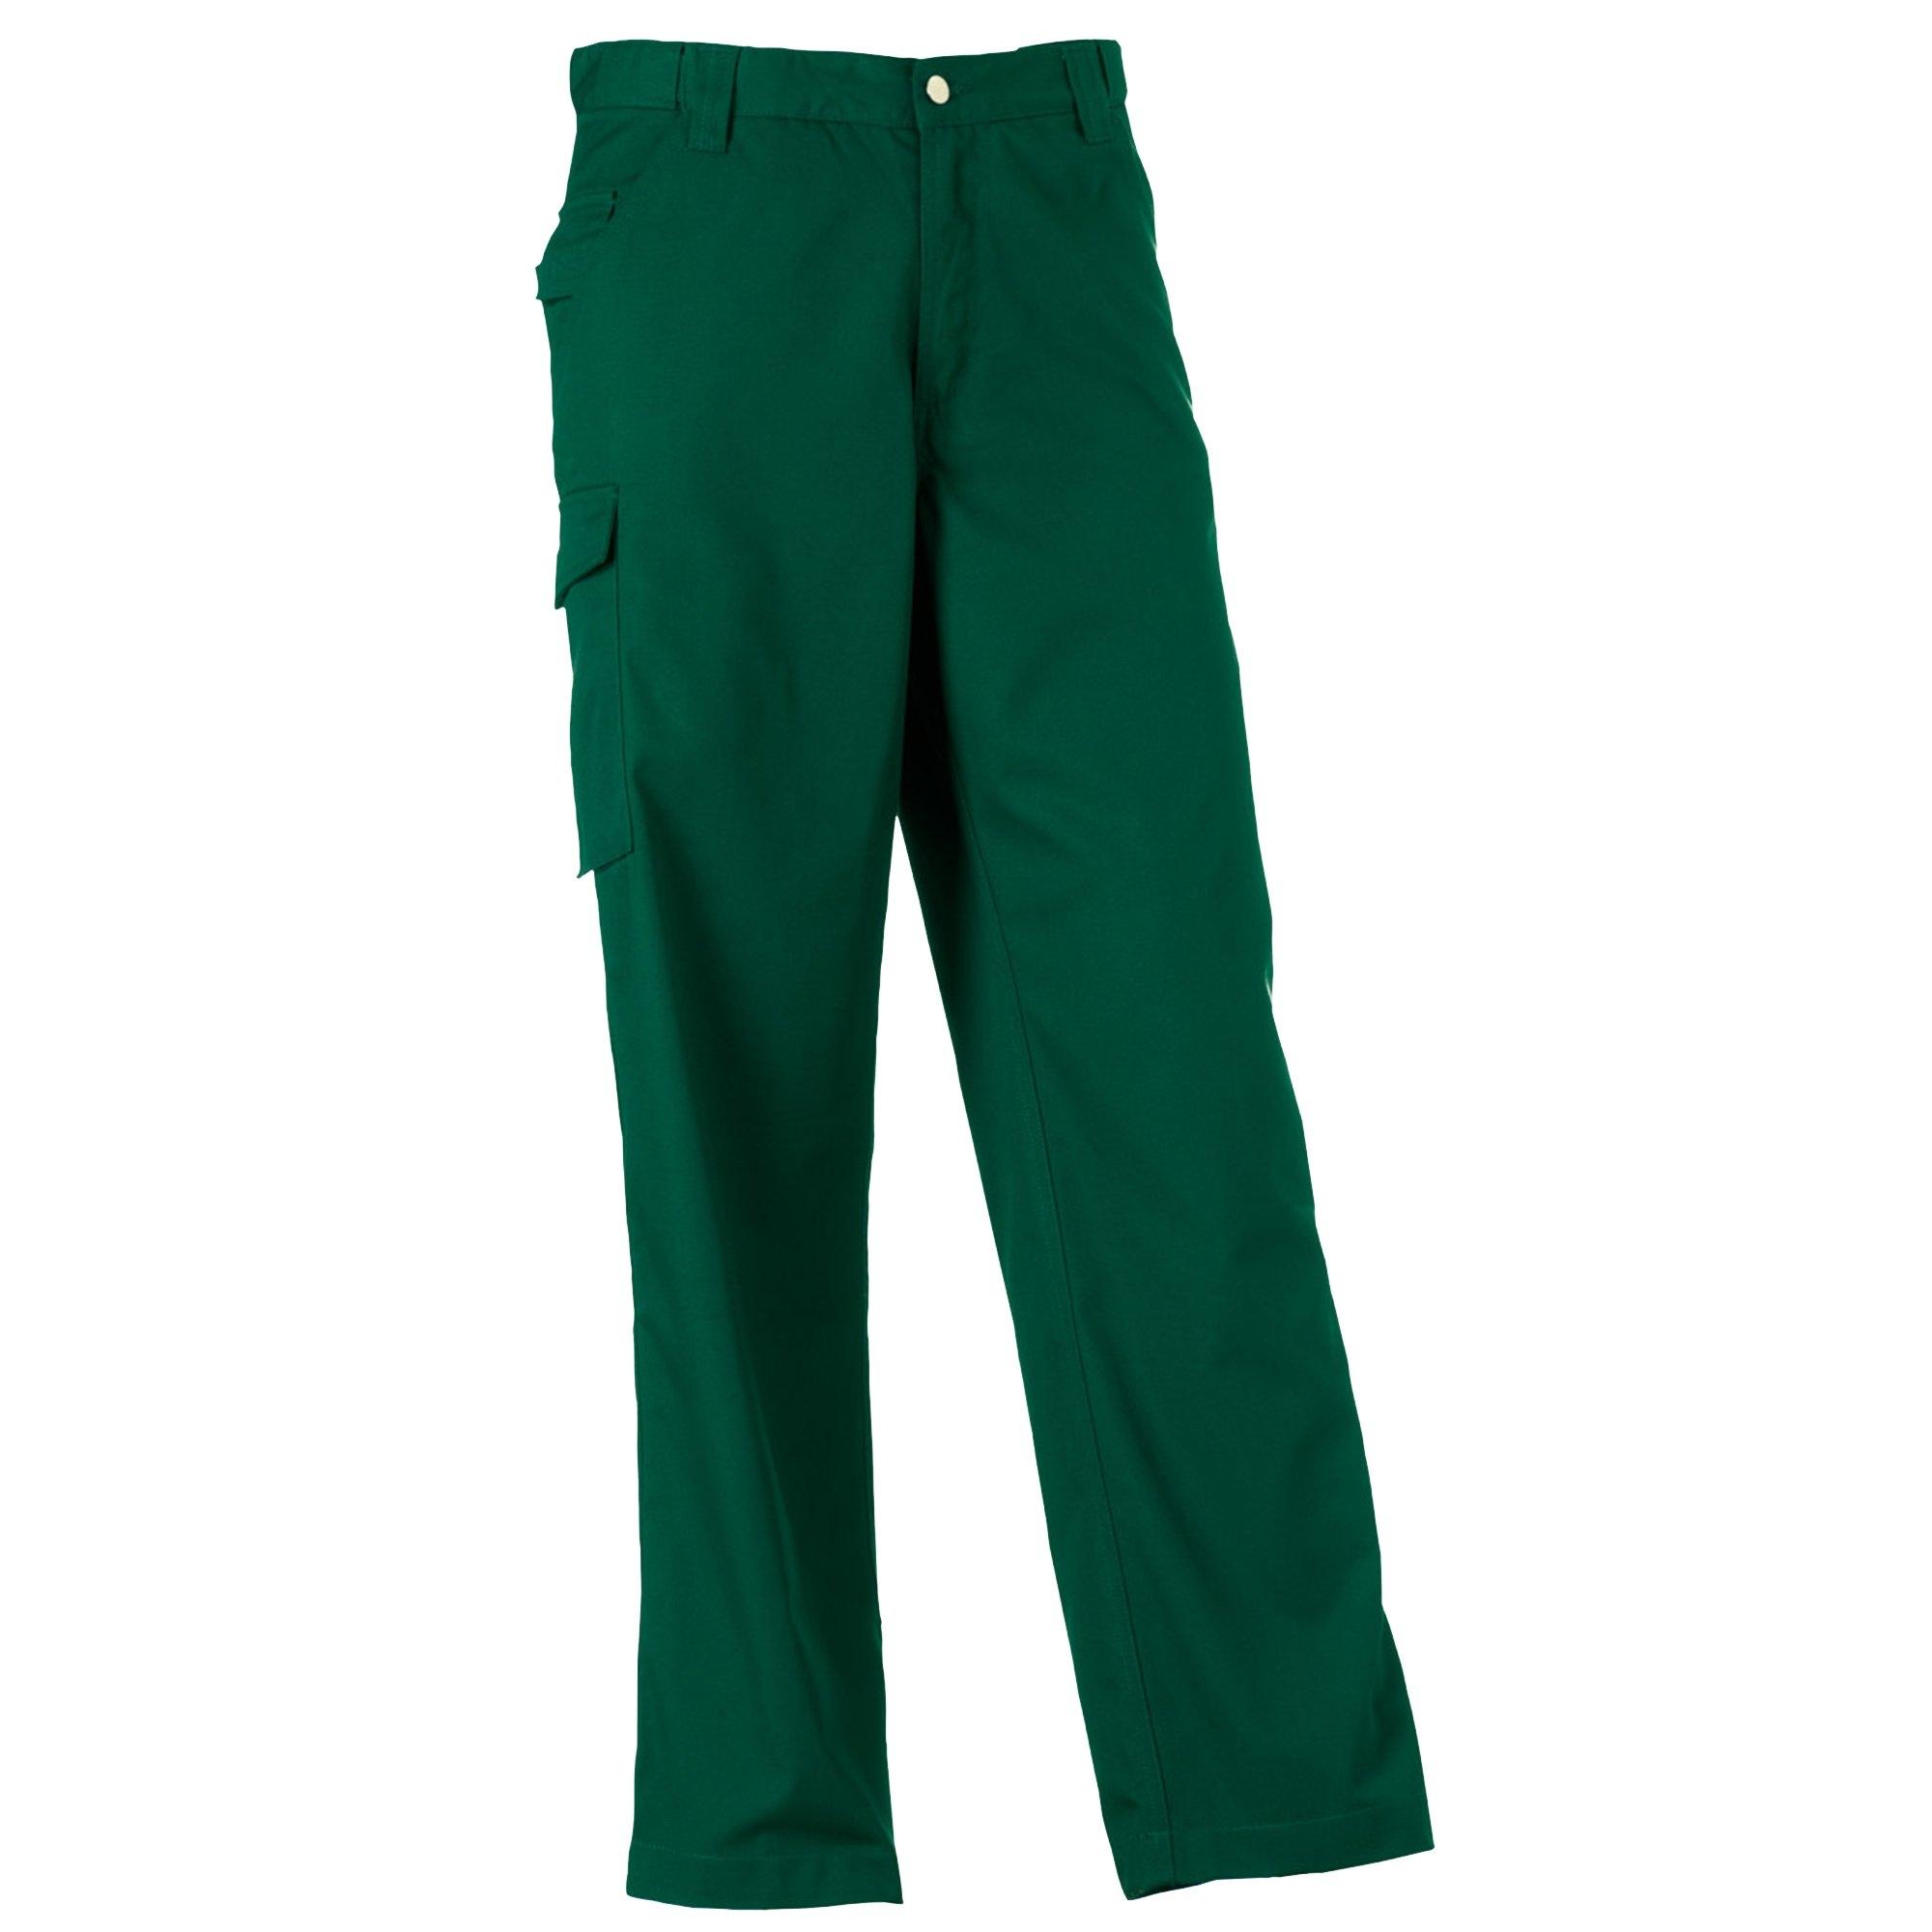 Russell functionele broek »Workwear Polycotton Twill Hose für Männer, Standard Beinlänge« goedkoop op otto.nl kopen